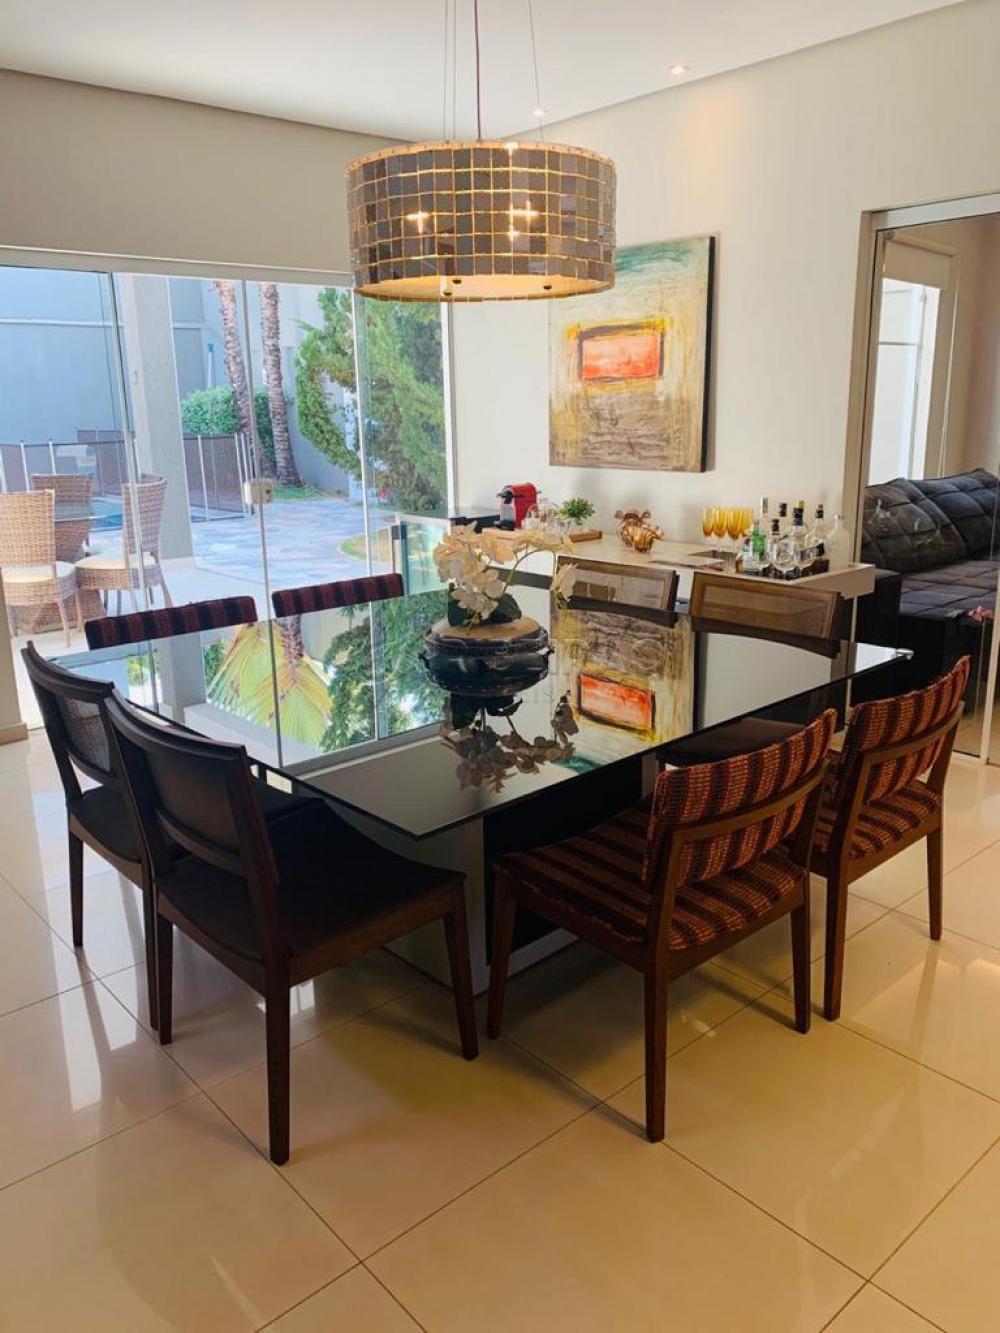 Comprar Casa / Condomínio em Bonfim Paulista R$ 1.550.000,00 - Foto 4